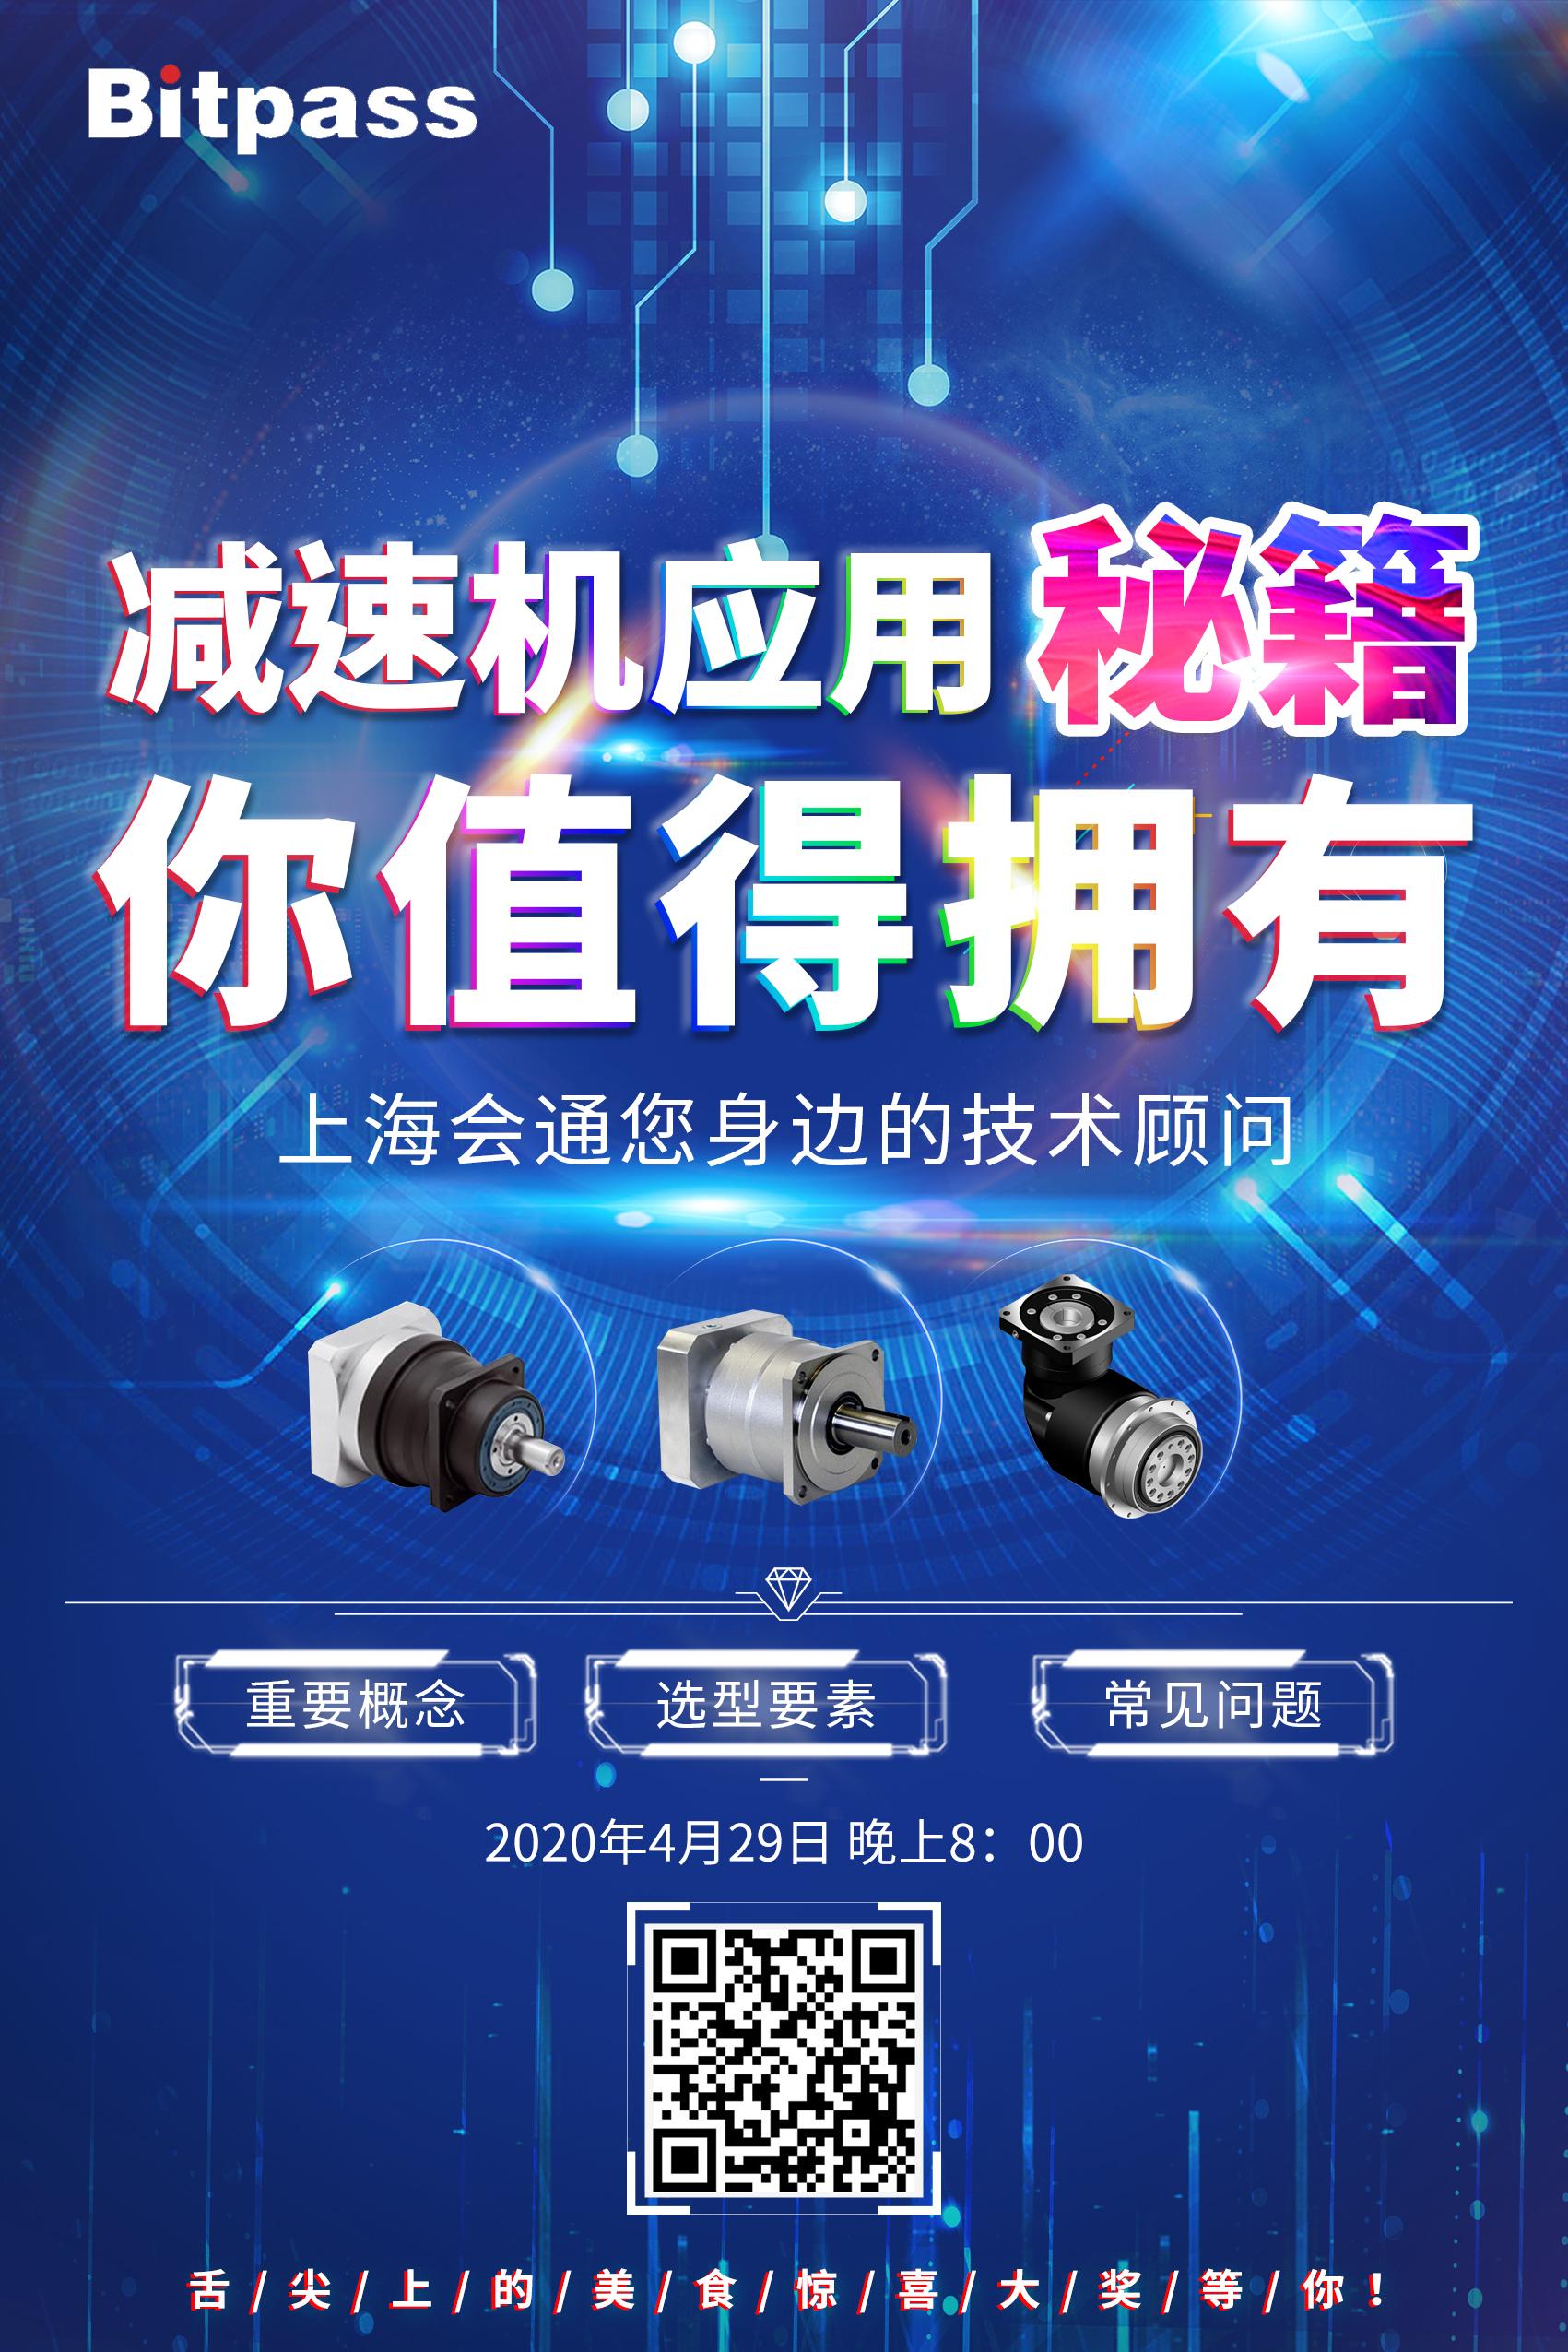 台力减速电机,敲黑板啦!上海会通大侠独家教你行星减速机的应用秘籍,接招吧!_直播